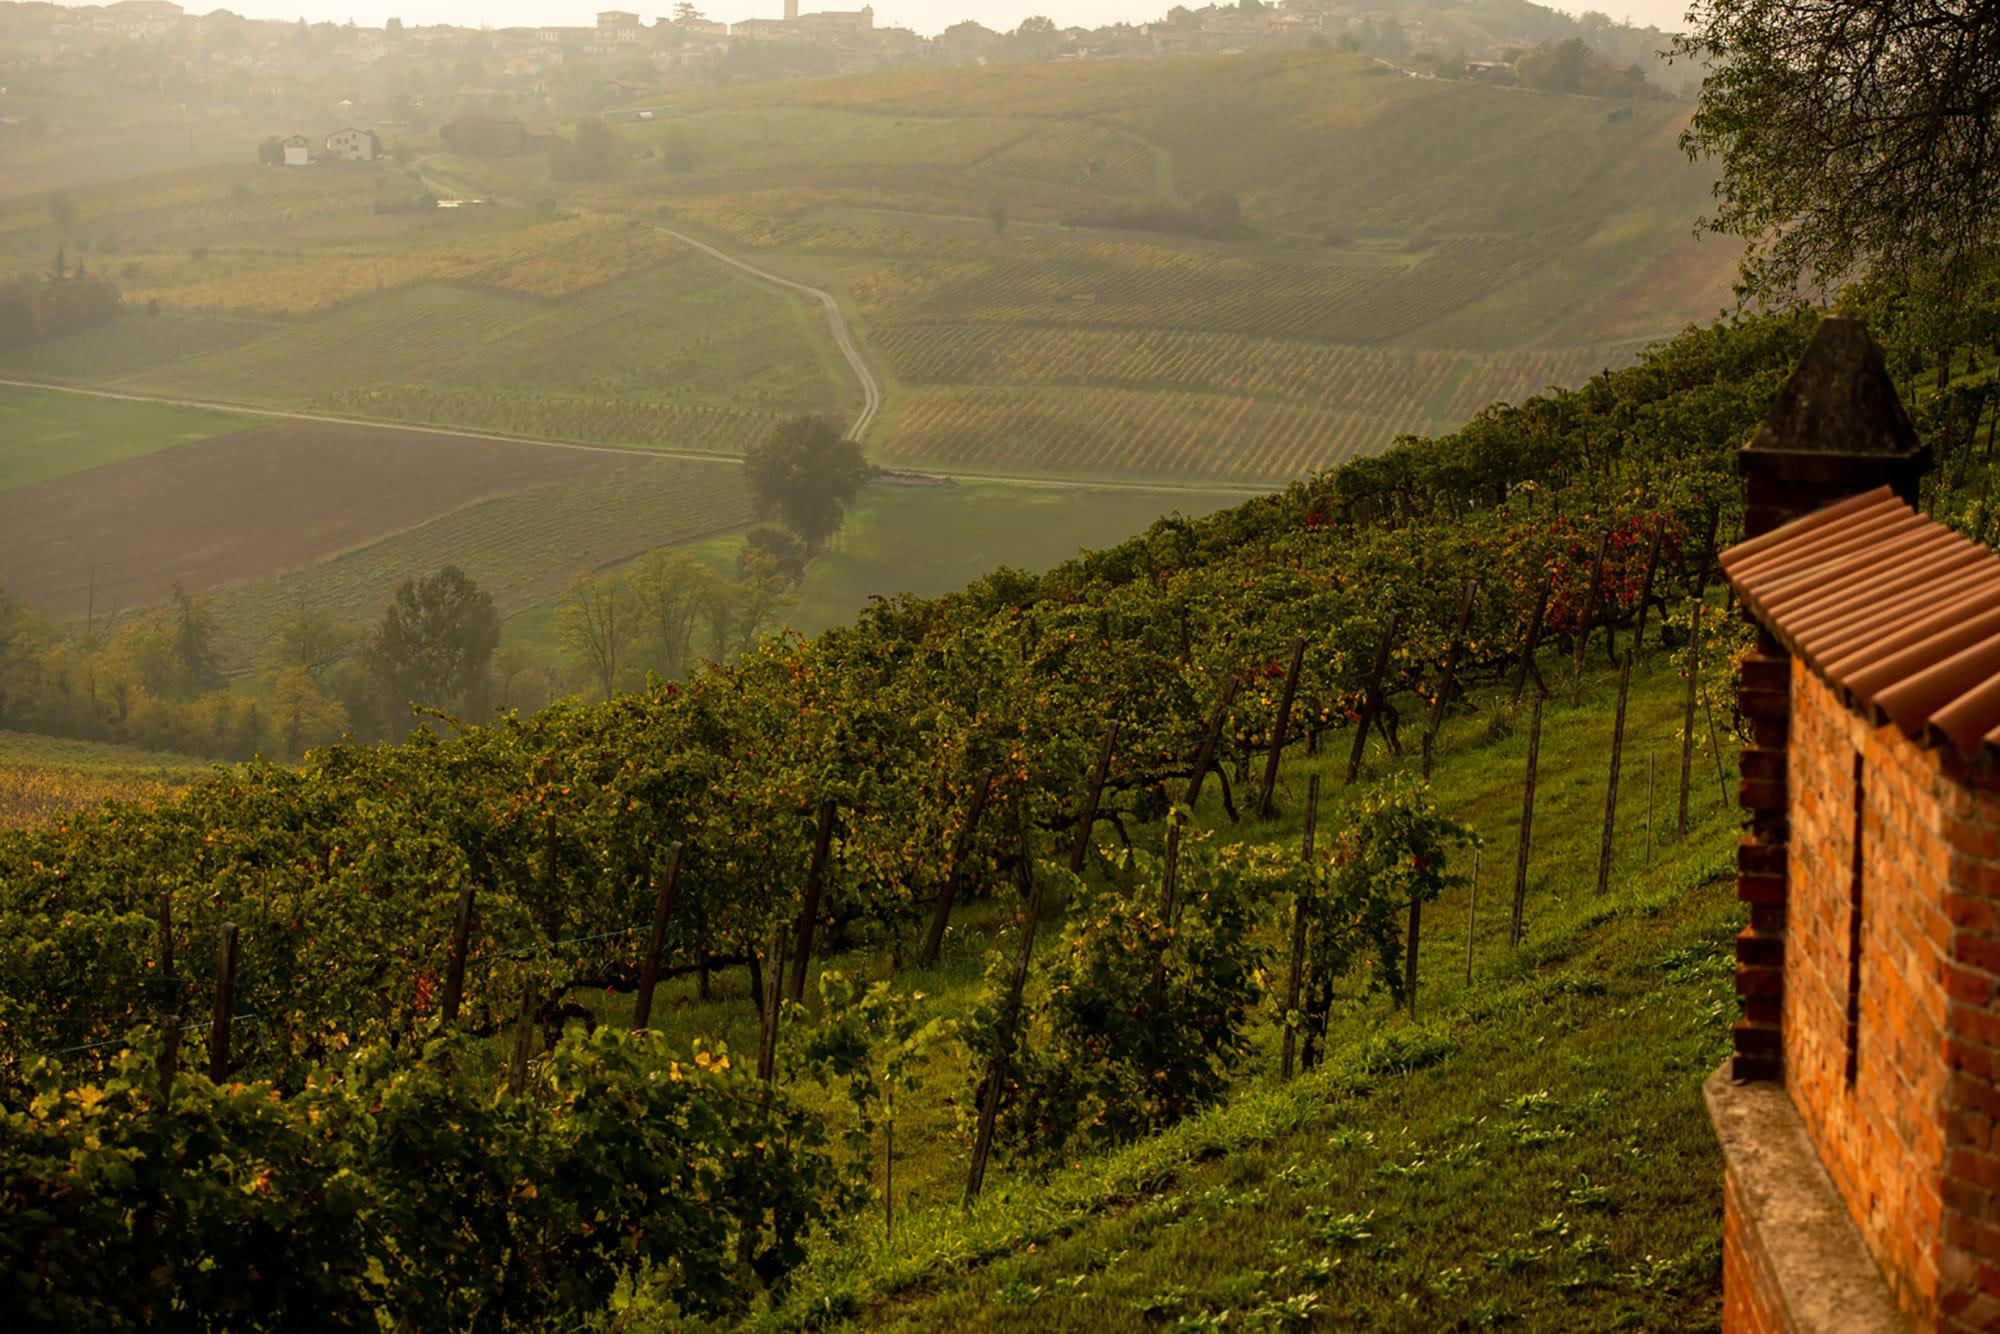 午後遅く、「カステッロ・ディ・ルッツァーノ」のブドウ畑は暮色に染まる。歴史と自然を守るため、有機農法を実践している。